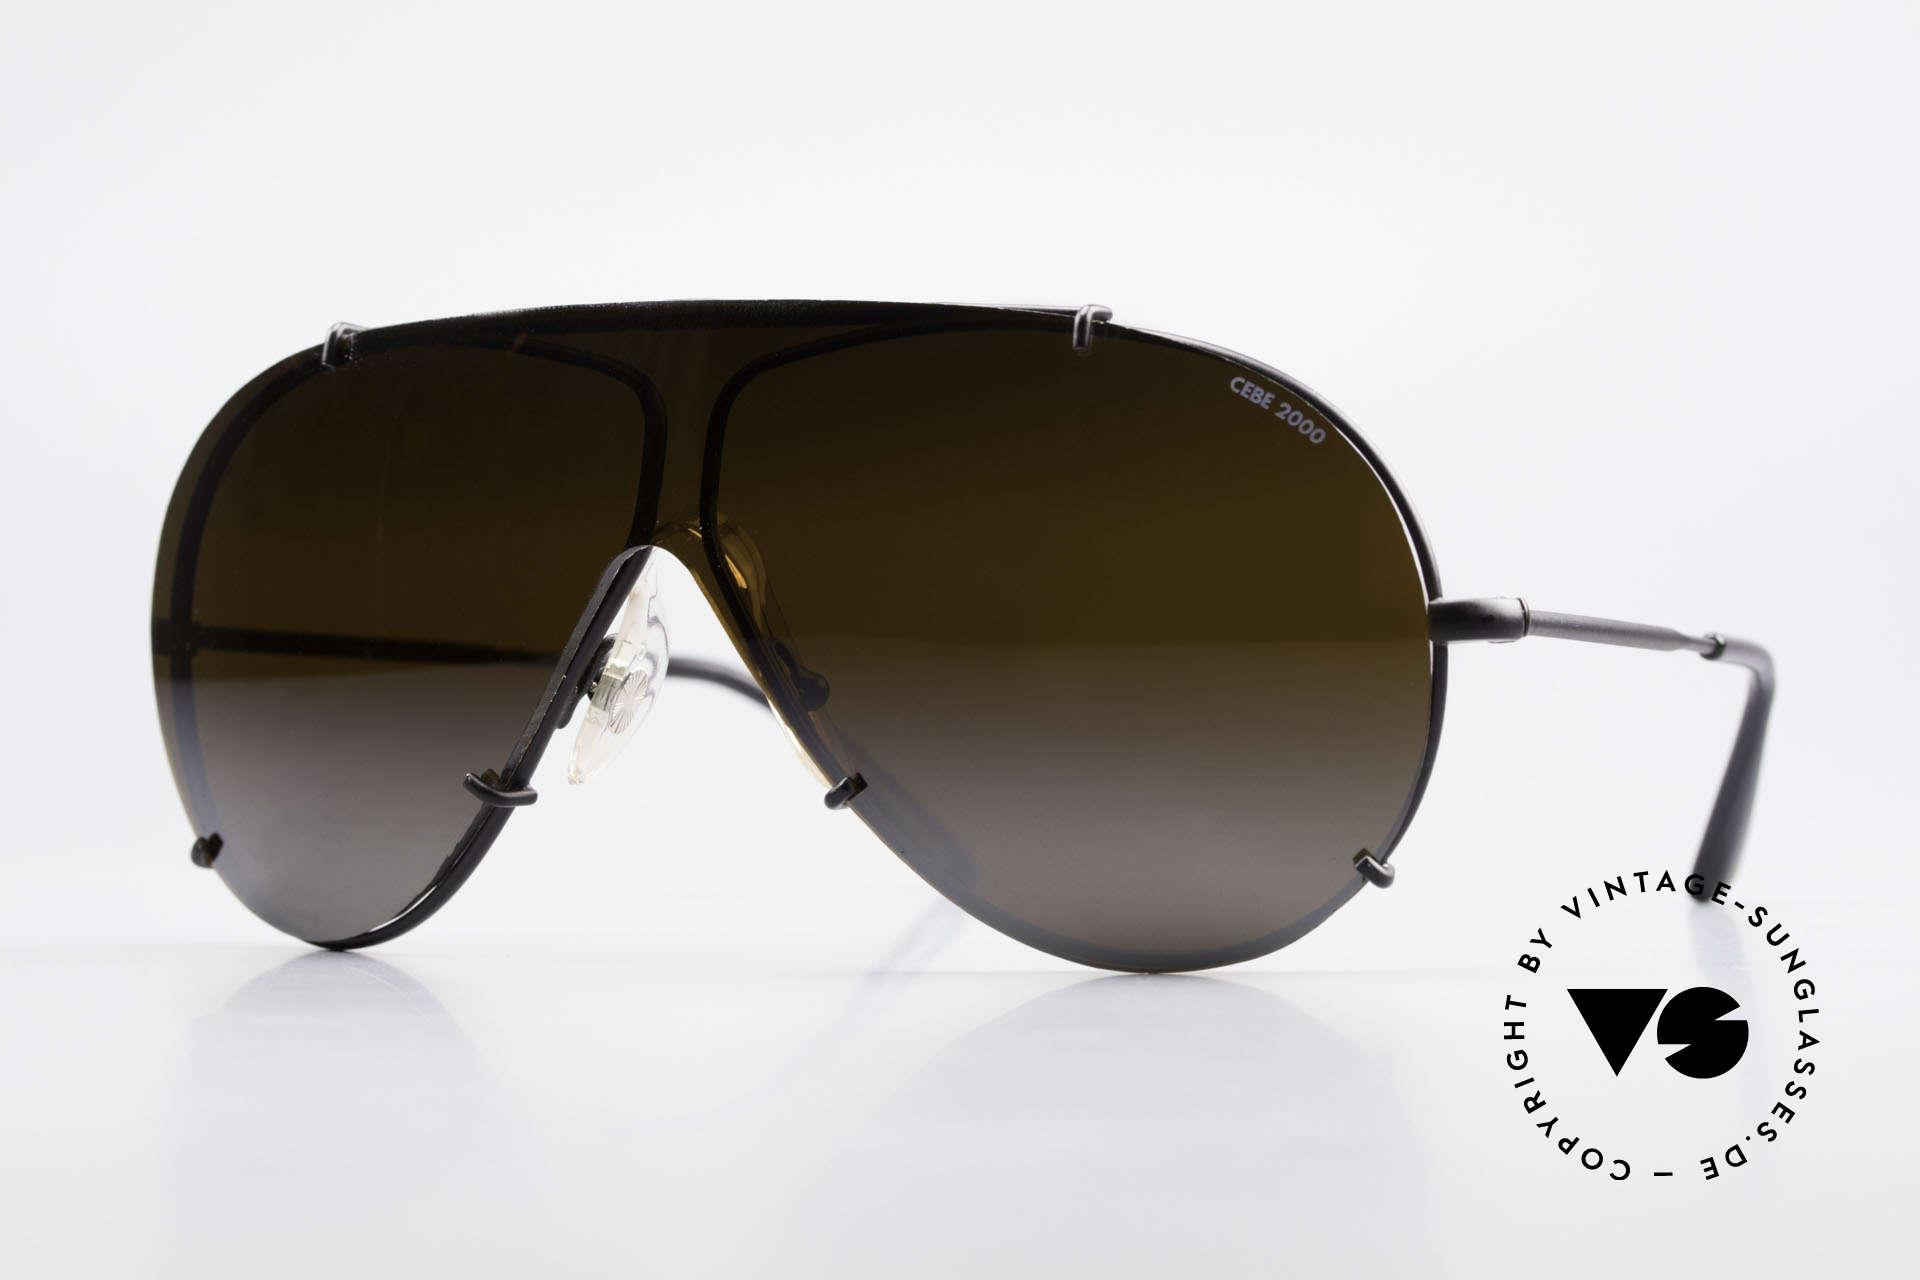 Cebe 2000 Vintage Rallye Sportbrille, teure CEBE Sportsonnenbrille für den extremen Einsatz, Passend für Herren